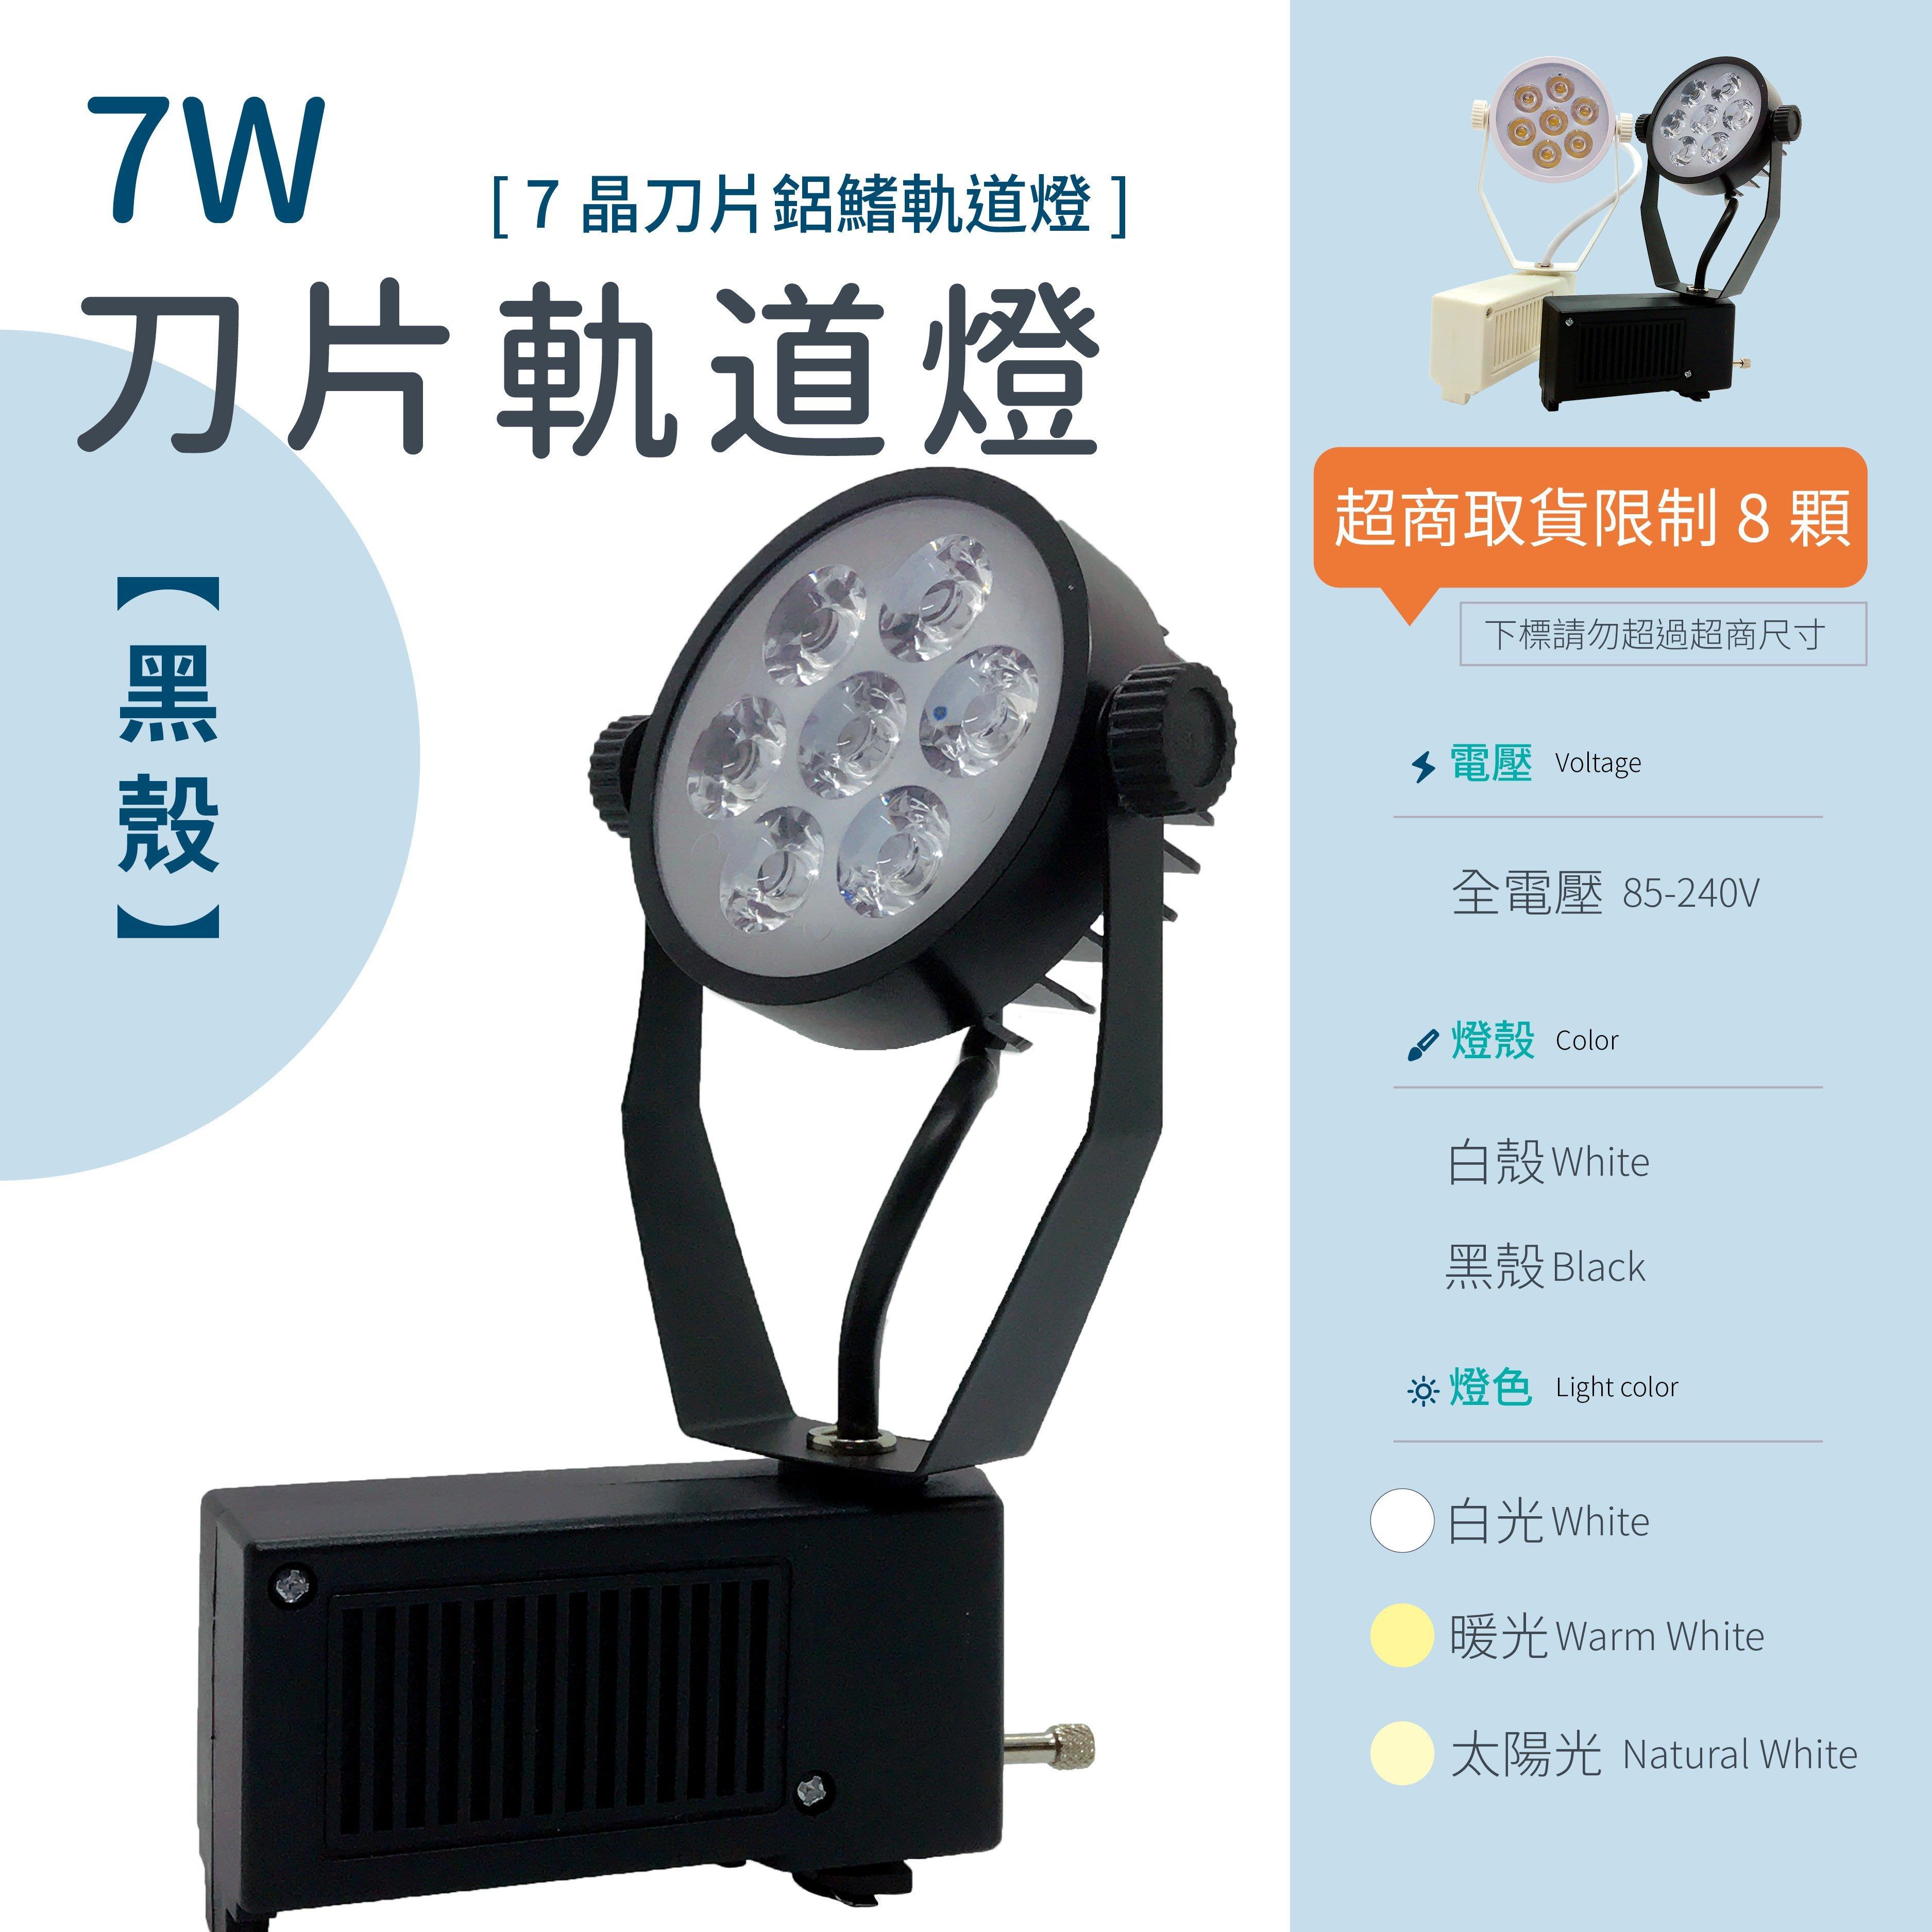 【宗聖照明】LED 軌道燈  [C款] 7W 全電壓 (白/暖太陽光) 7晶【黑殼】 投射燈 裝潢